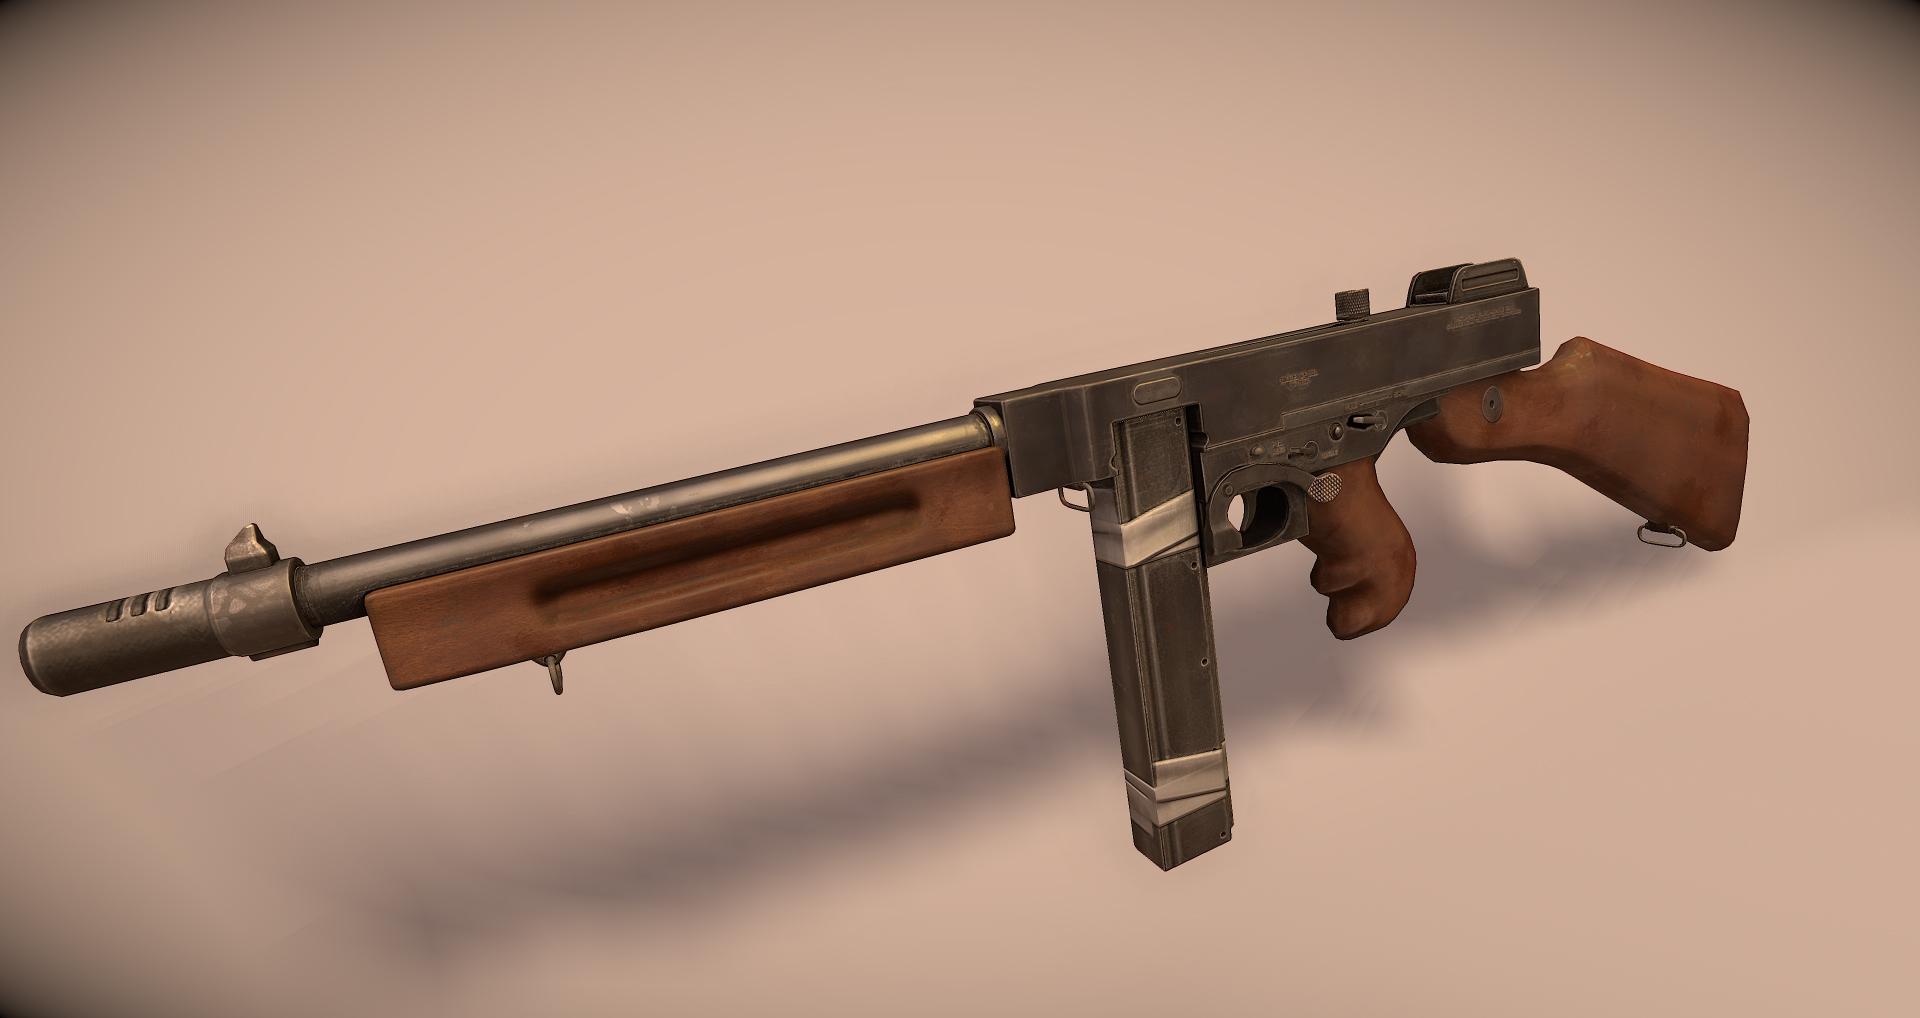 m1a1 sub machine gun